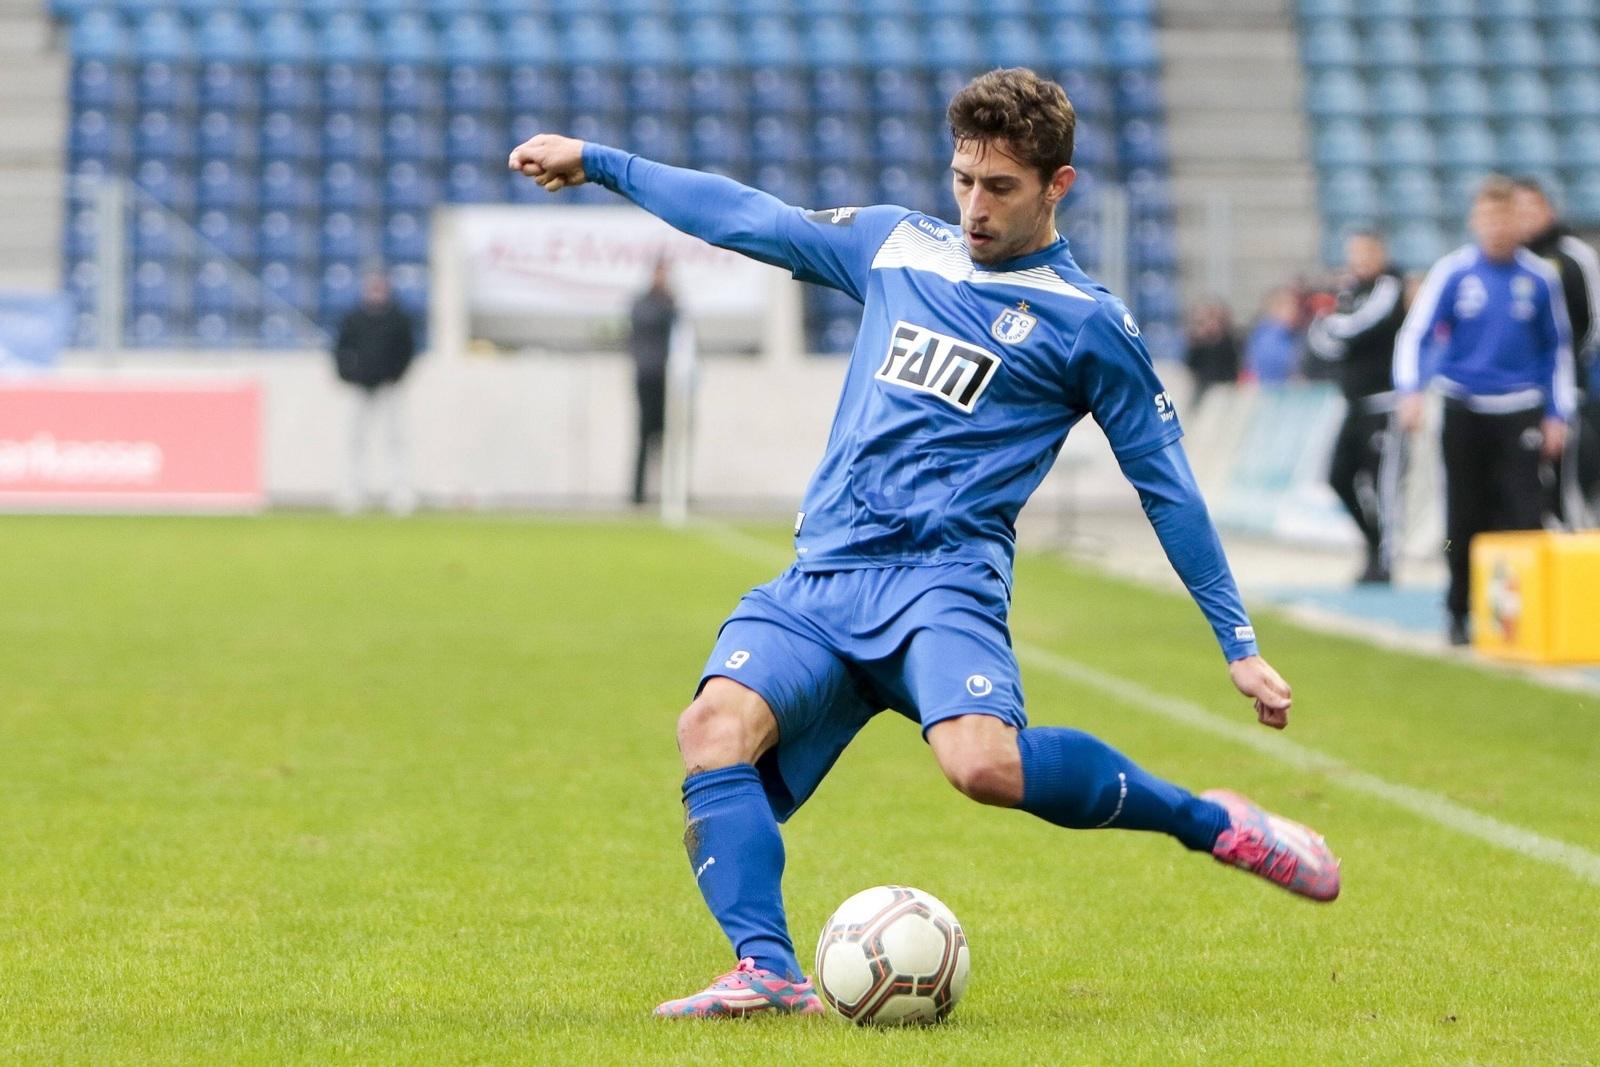 Manuel Farrona Pulido vom 1. FC Magdeburg